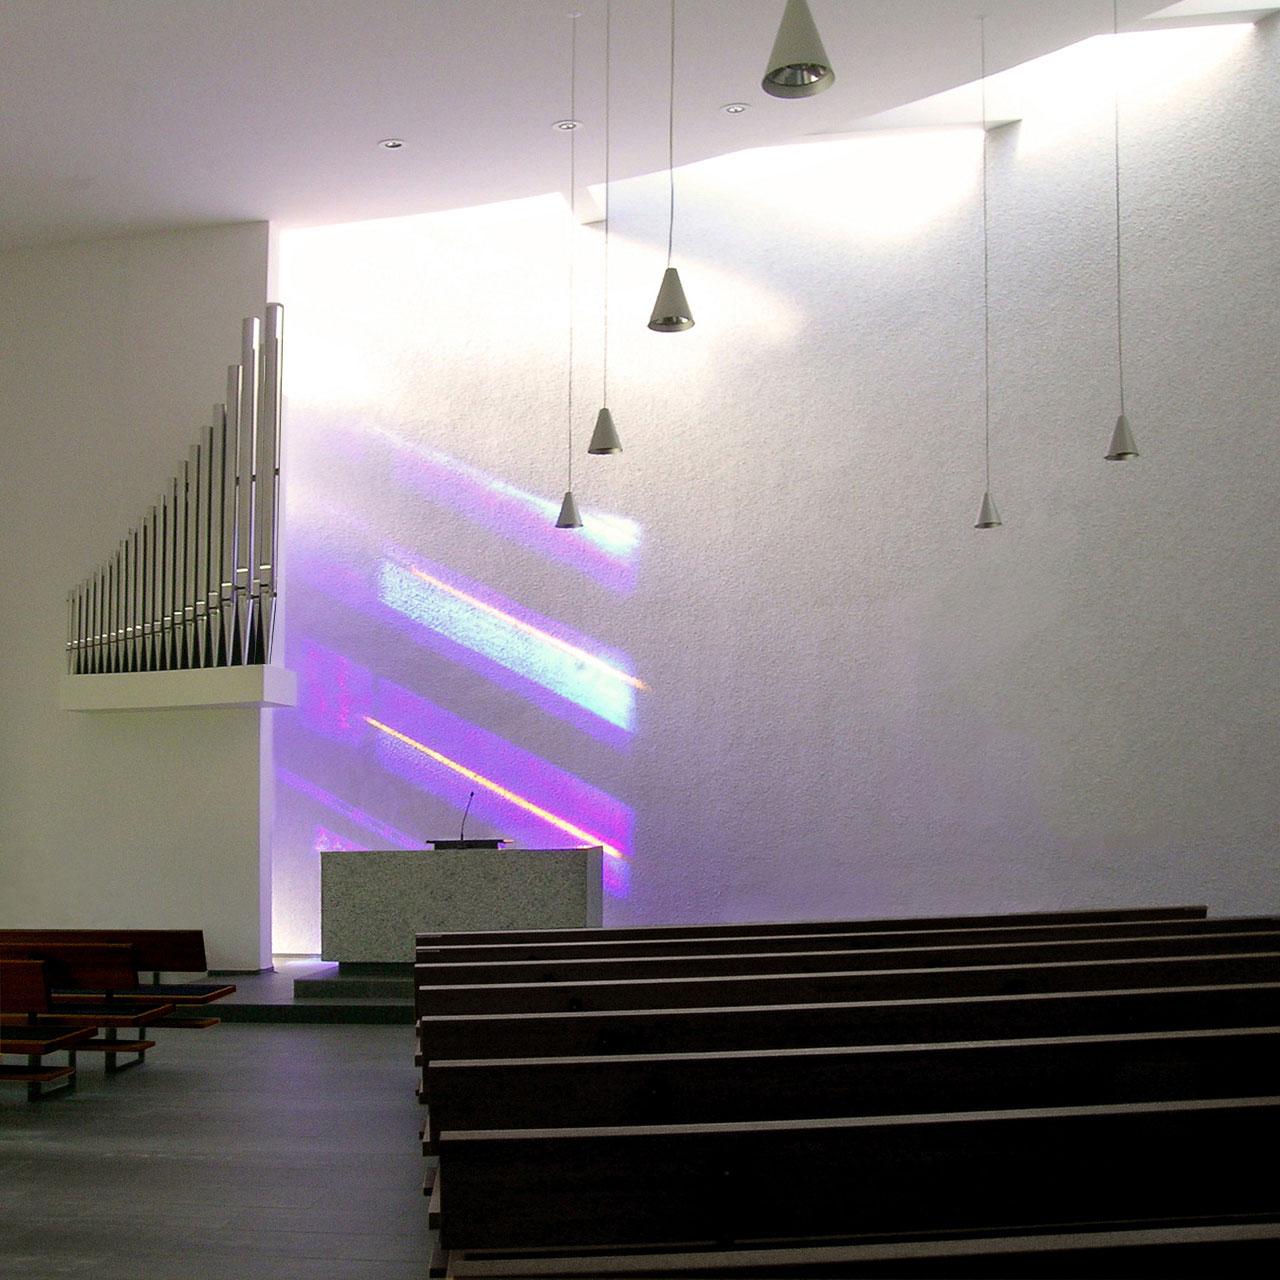 Umbau und Erweiterung Kirche Steinheim an der Murr, Kirchraum